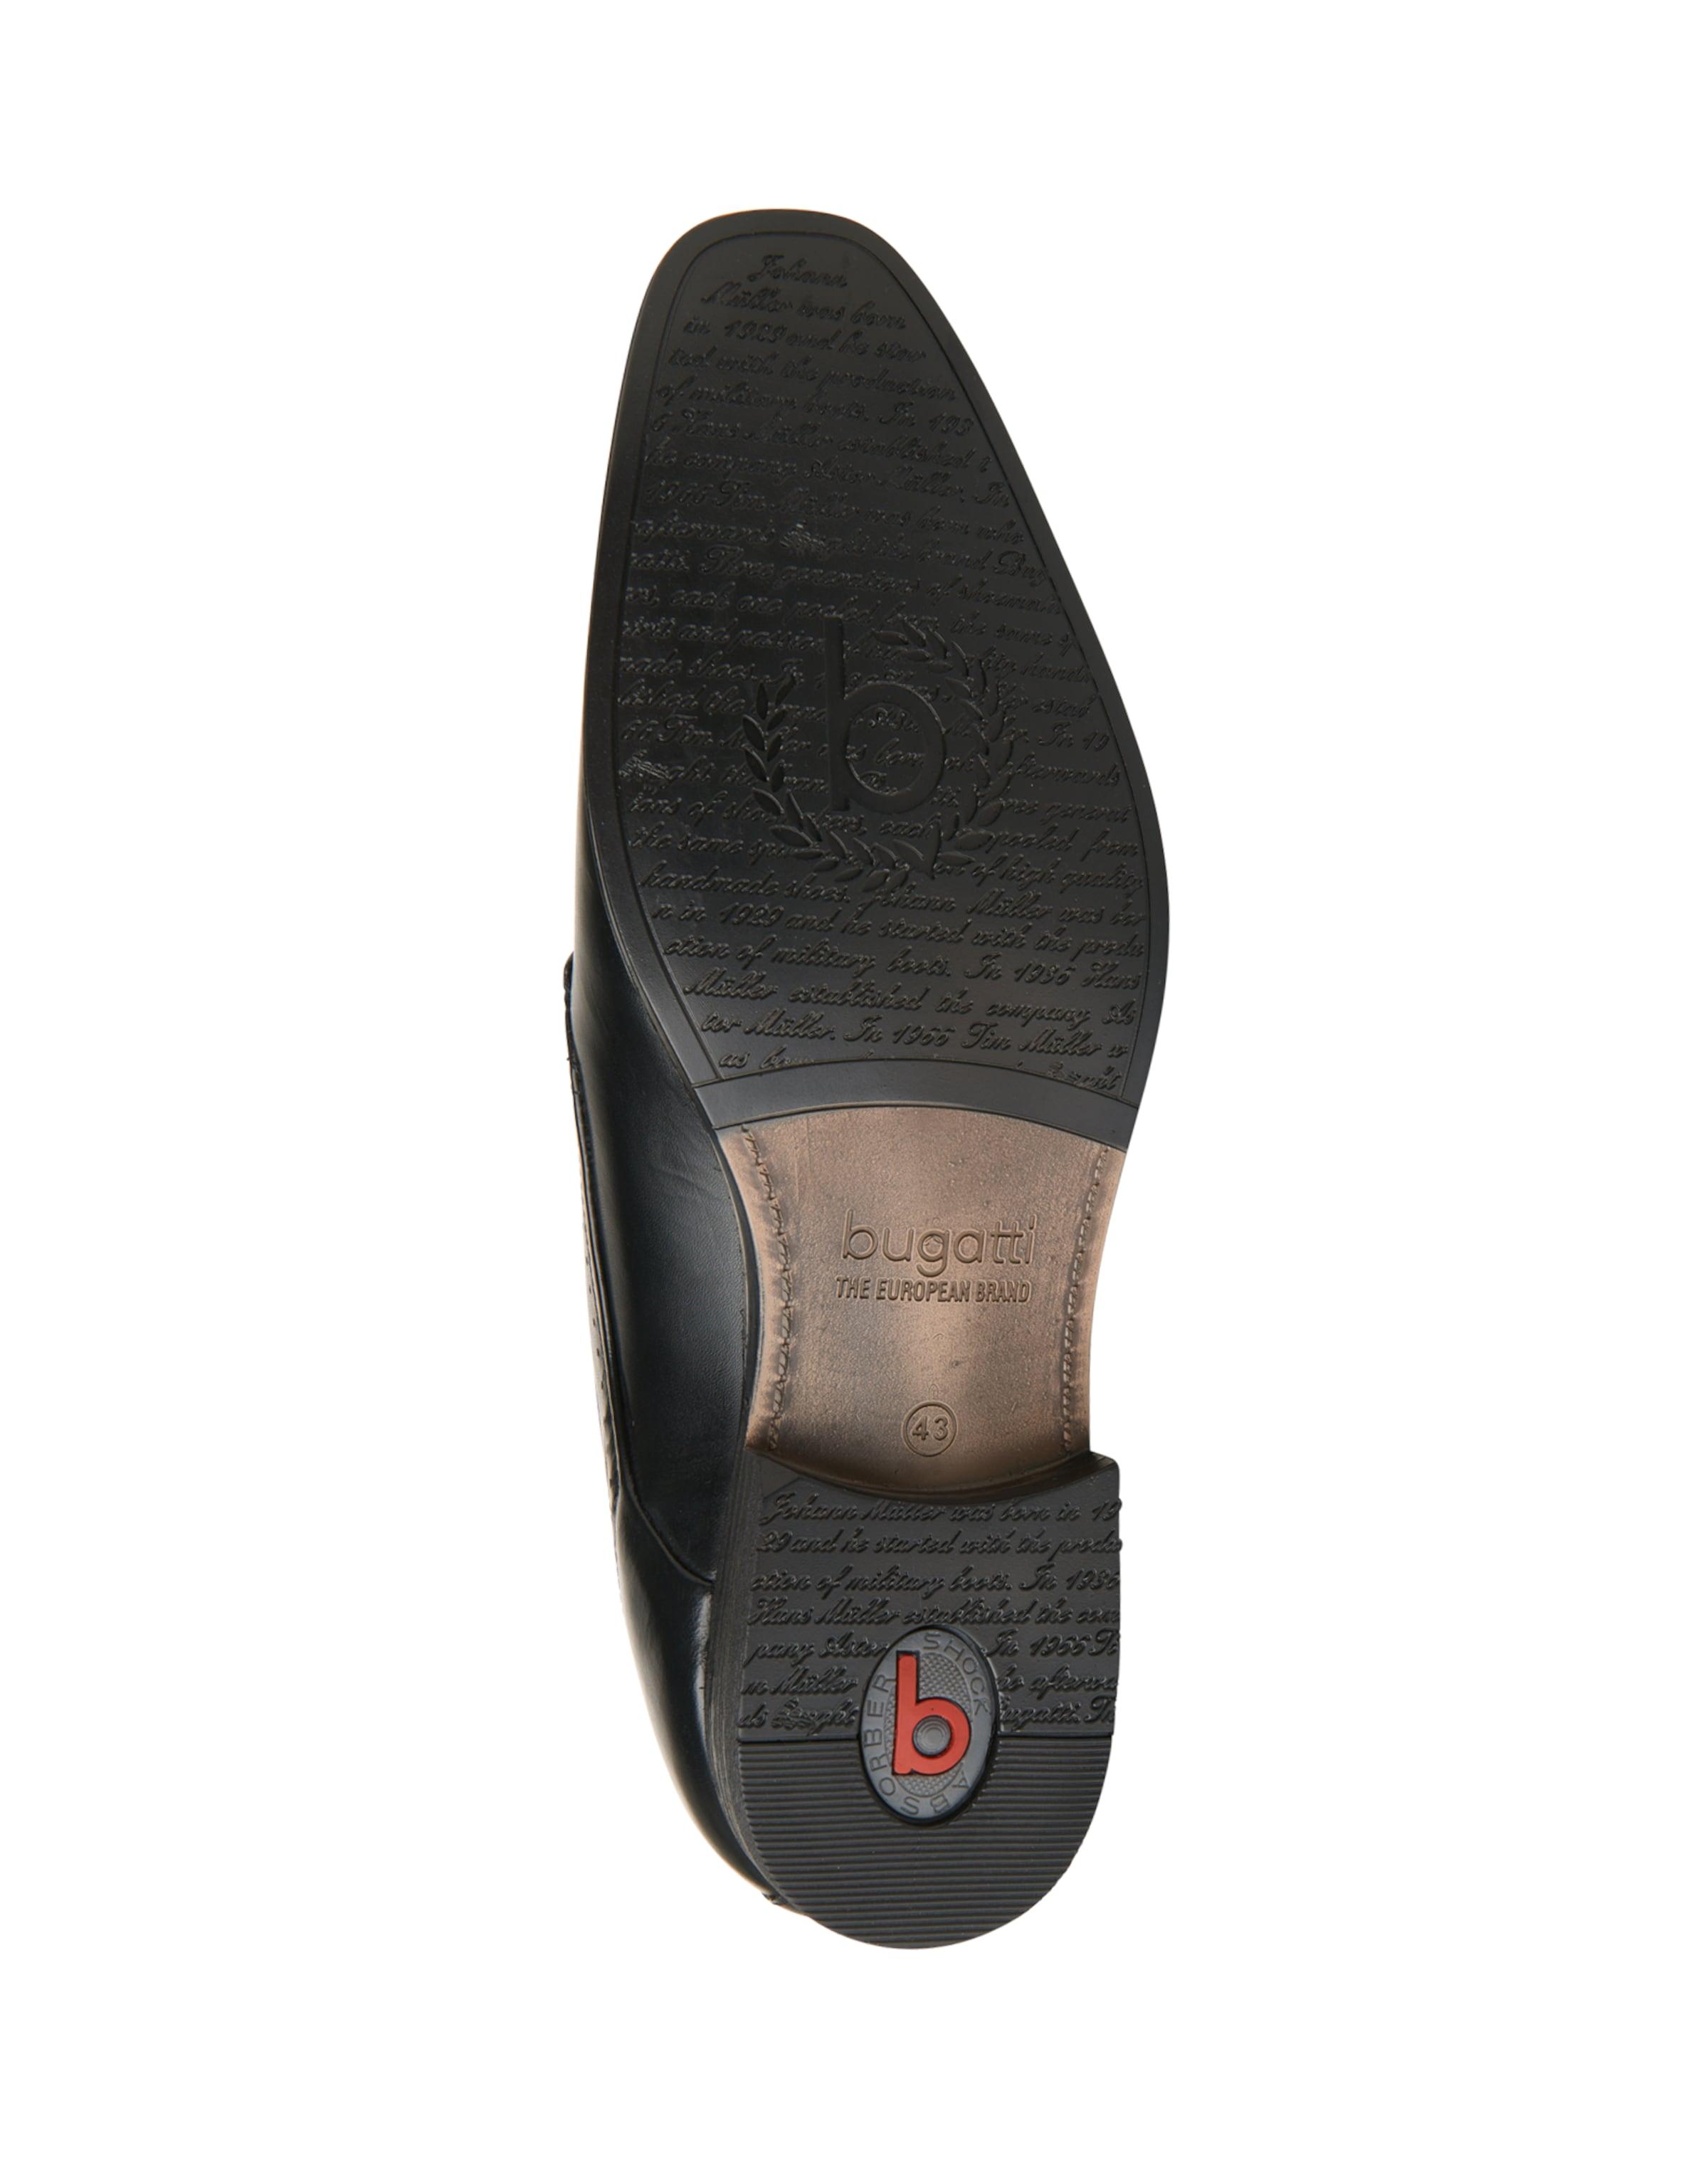 Bugatti Schnürschuh Leder Billige Herren- und Damenschuhe Damenschuhe Damenschuhe 7fa380